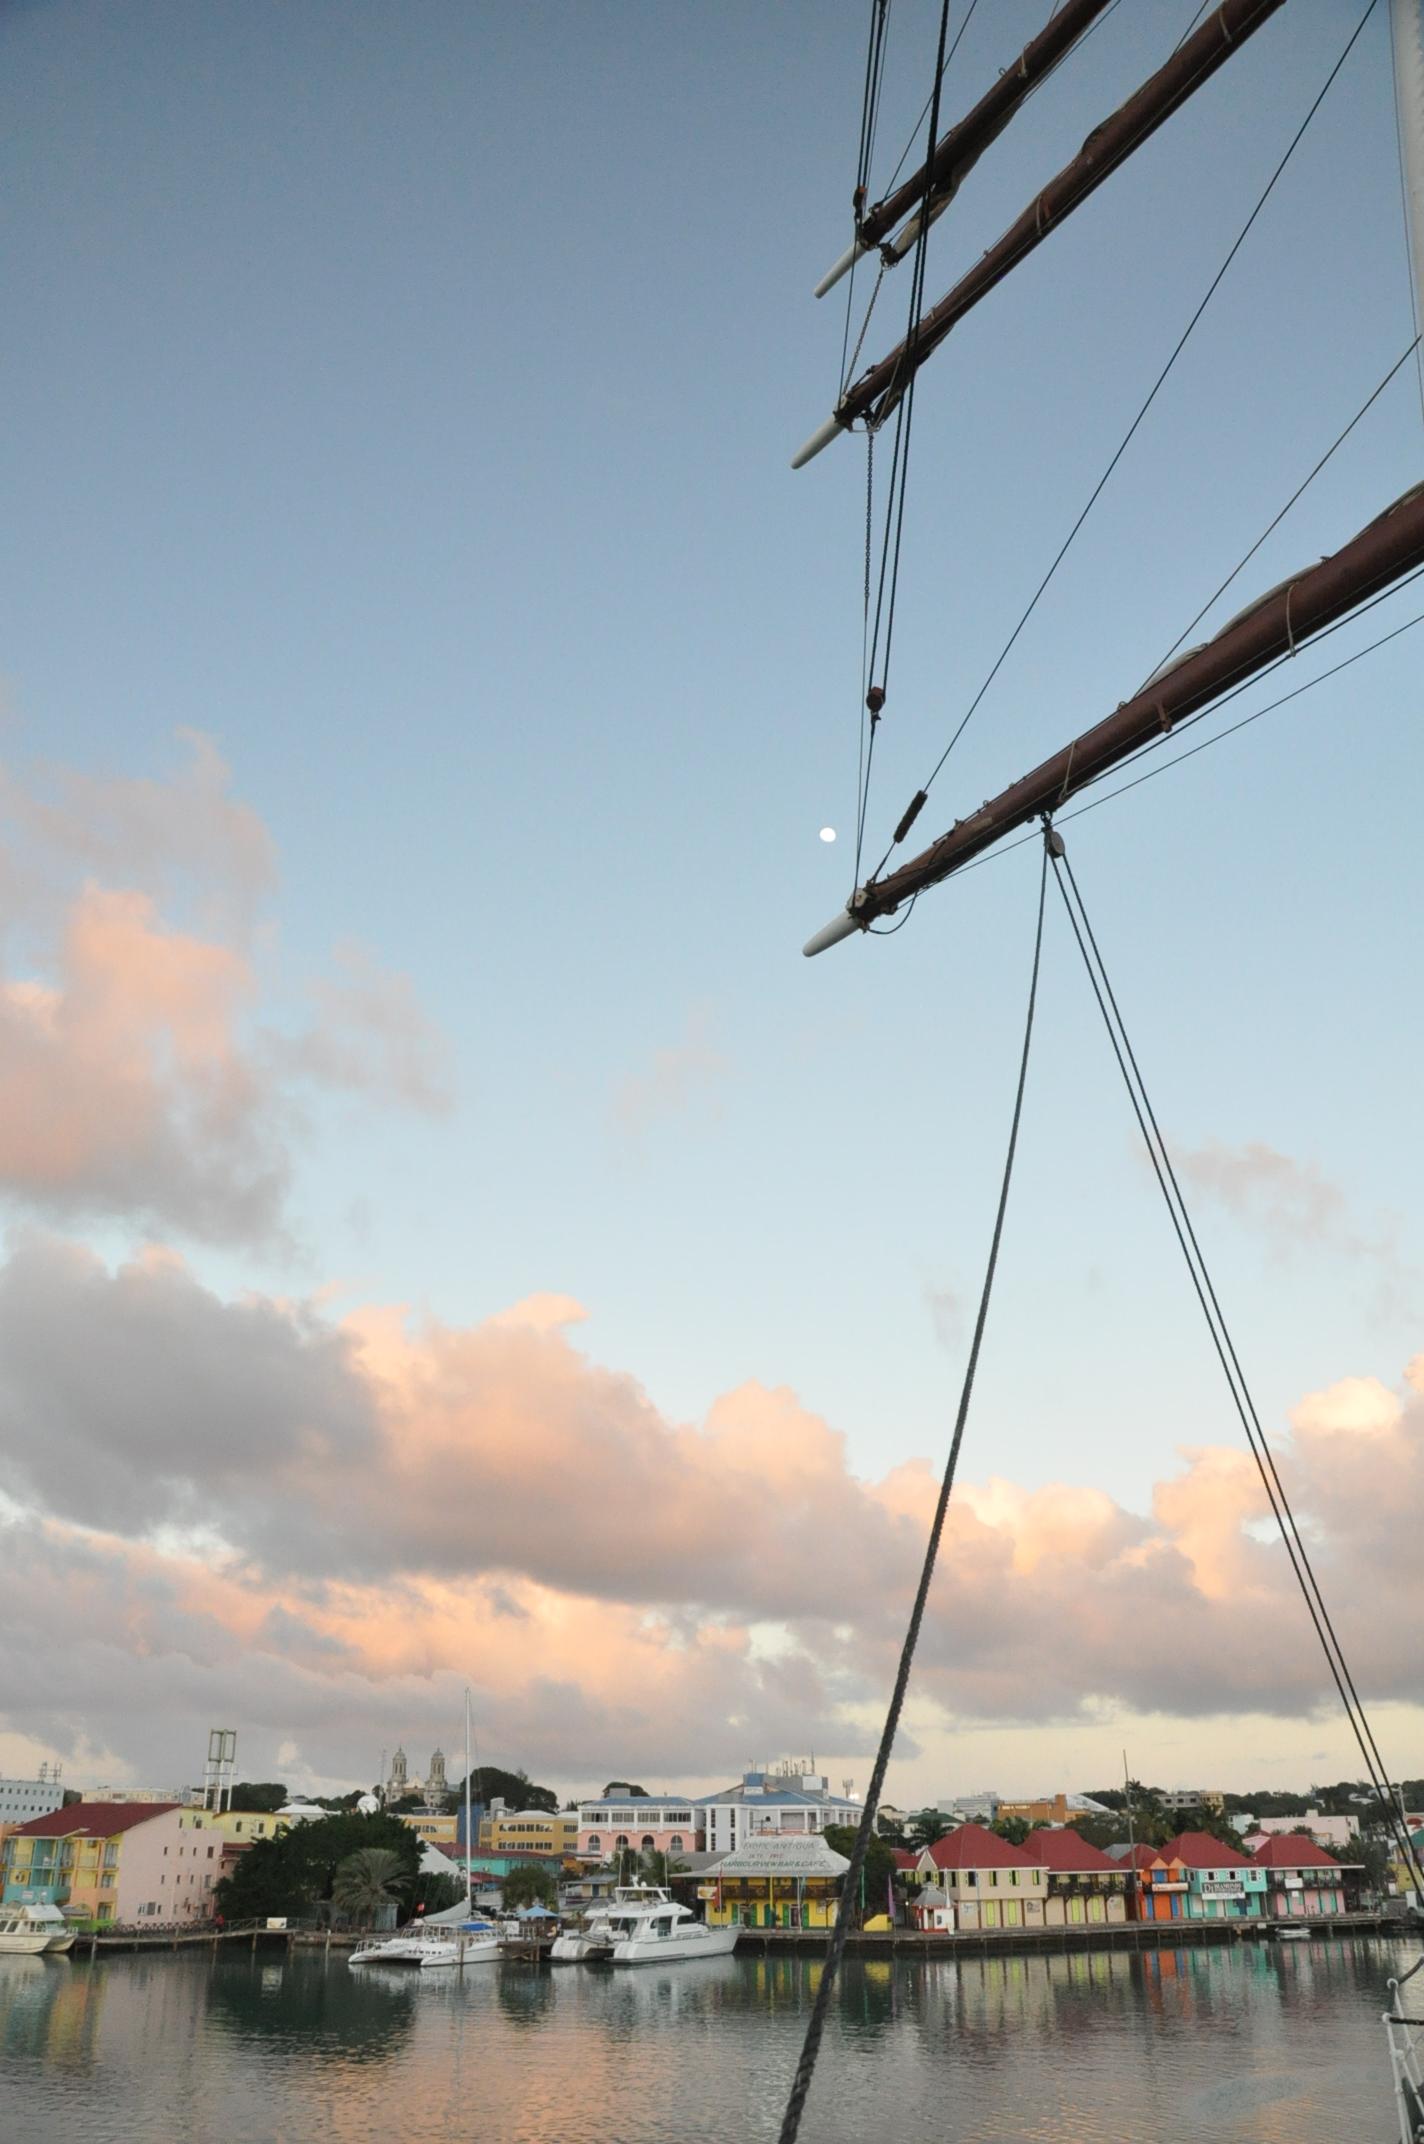 Sea Cloud 1: Bon Voyage